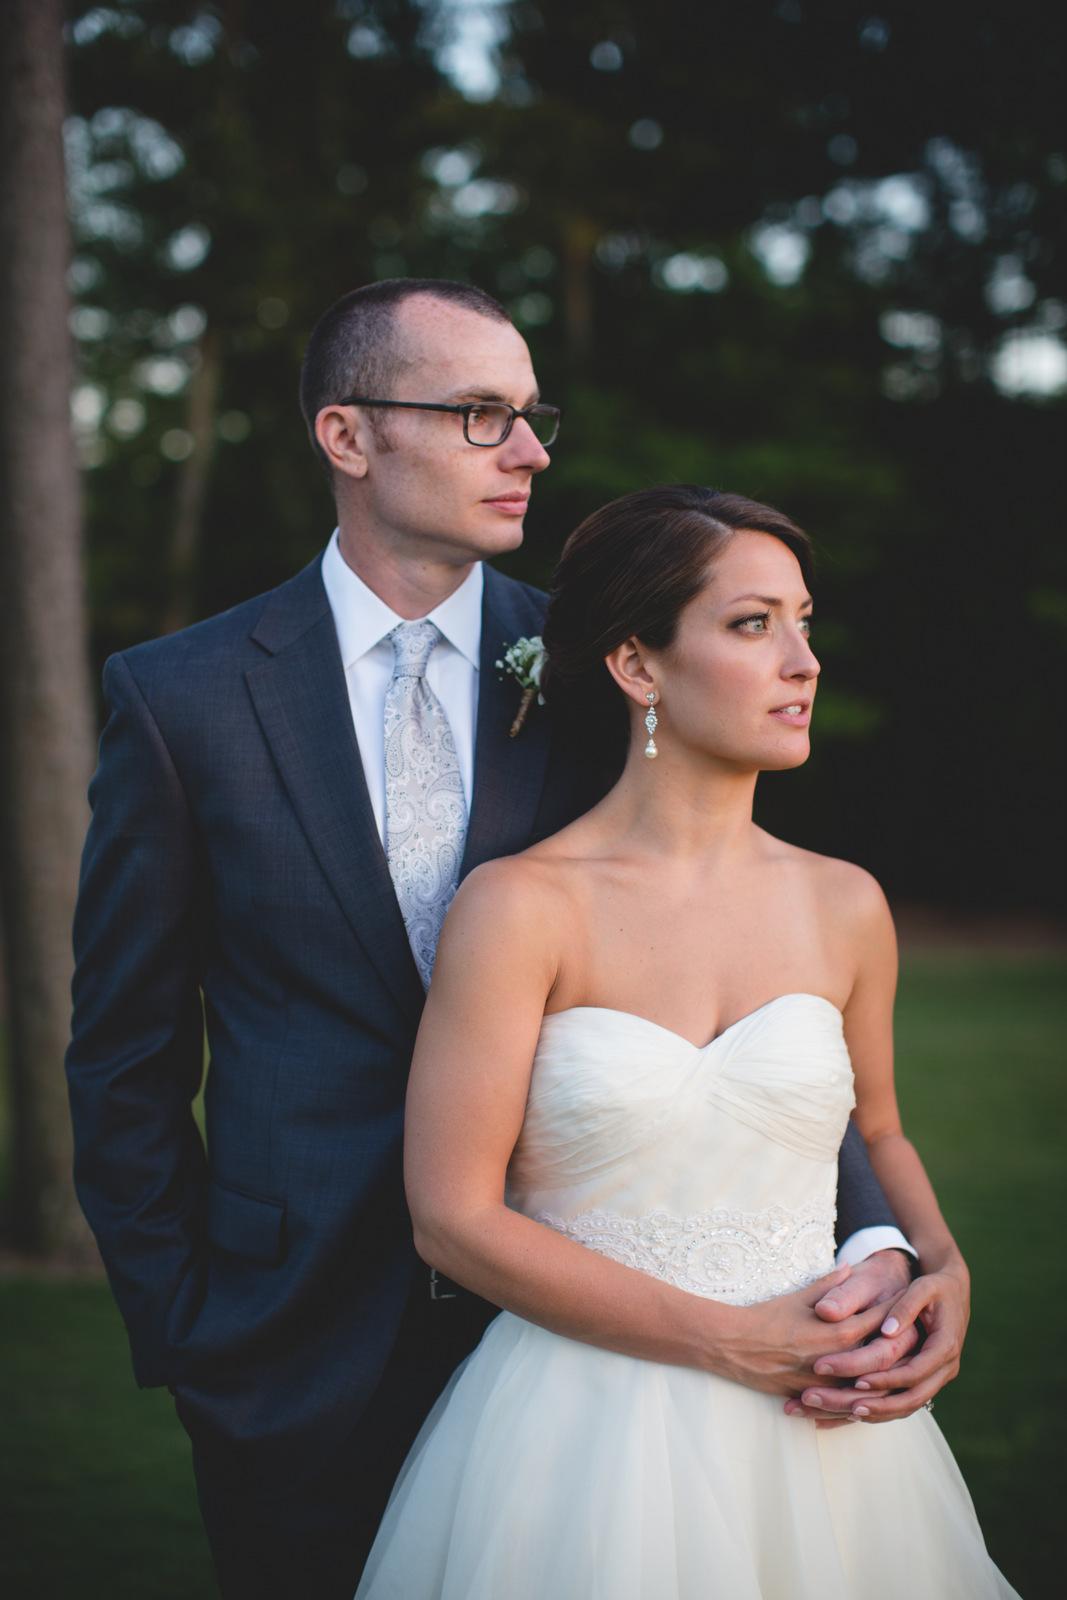 RyanKacie-weddingparty-1-178.jpg